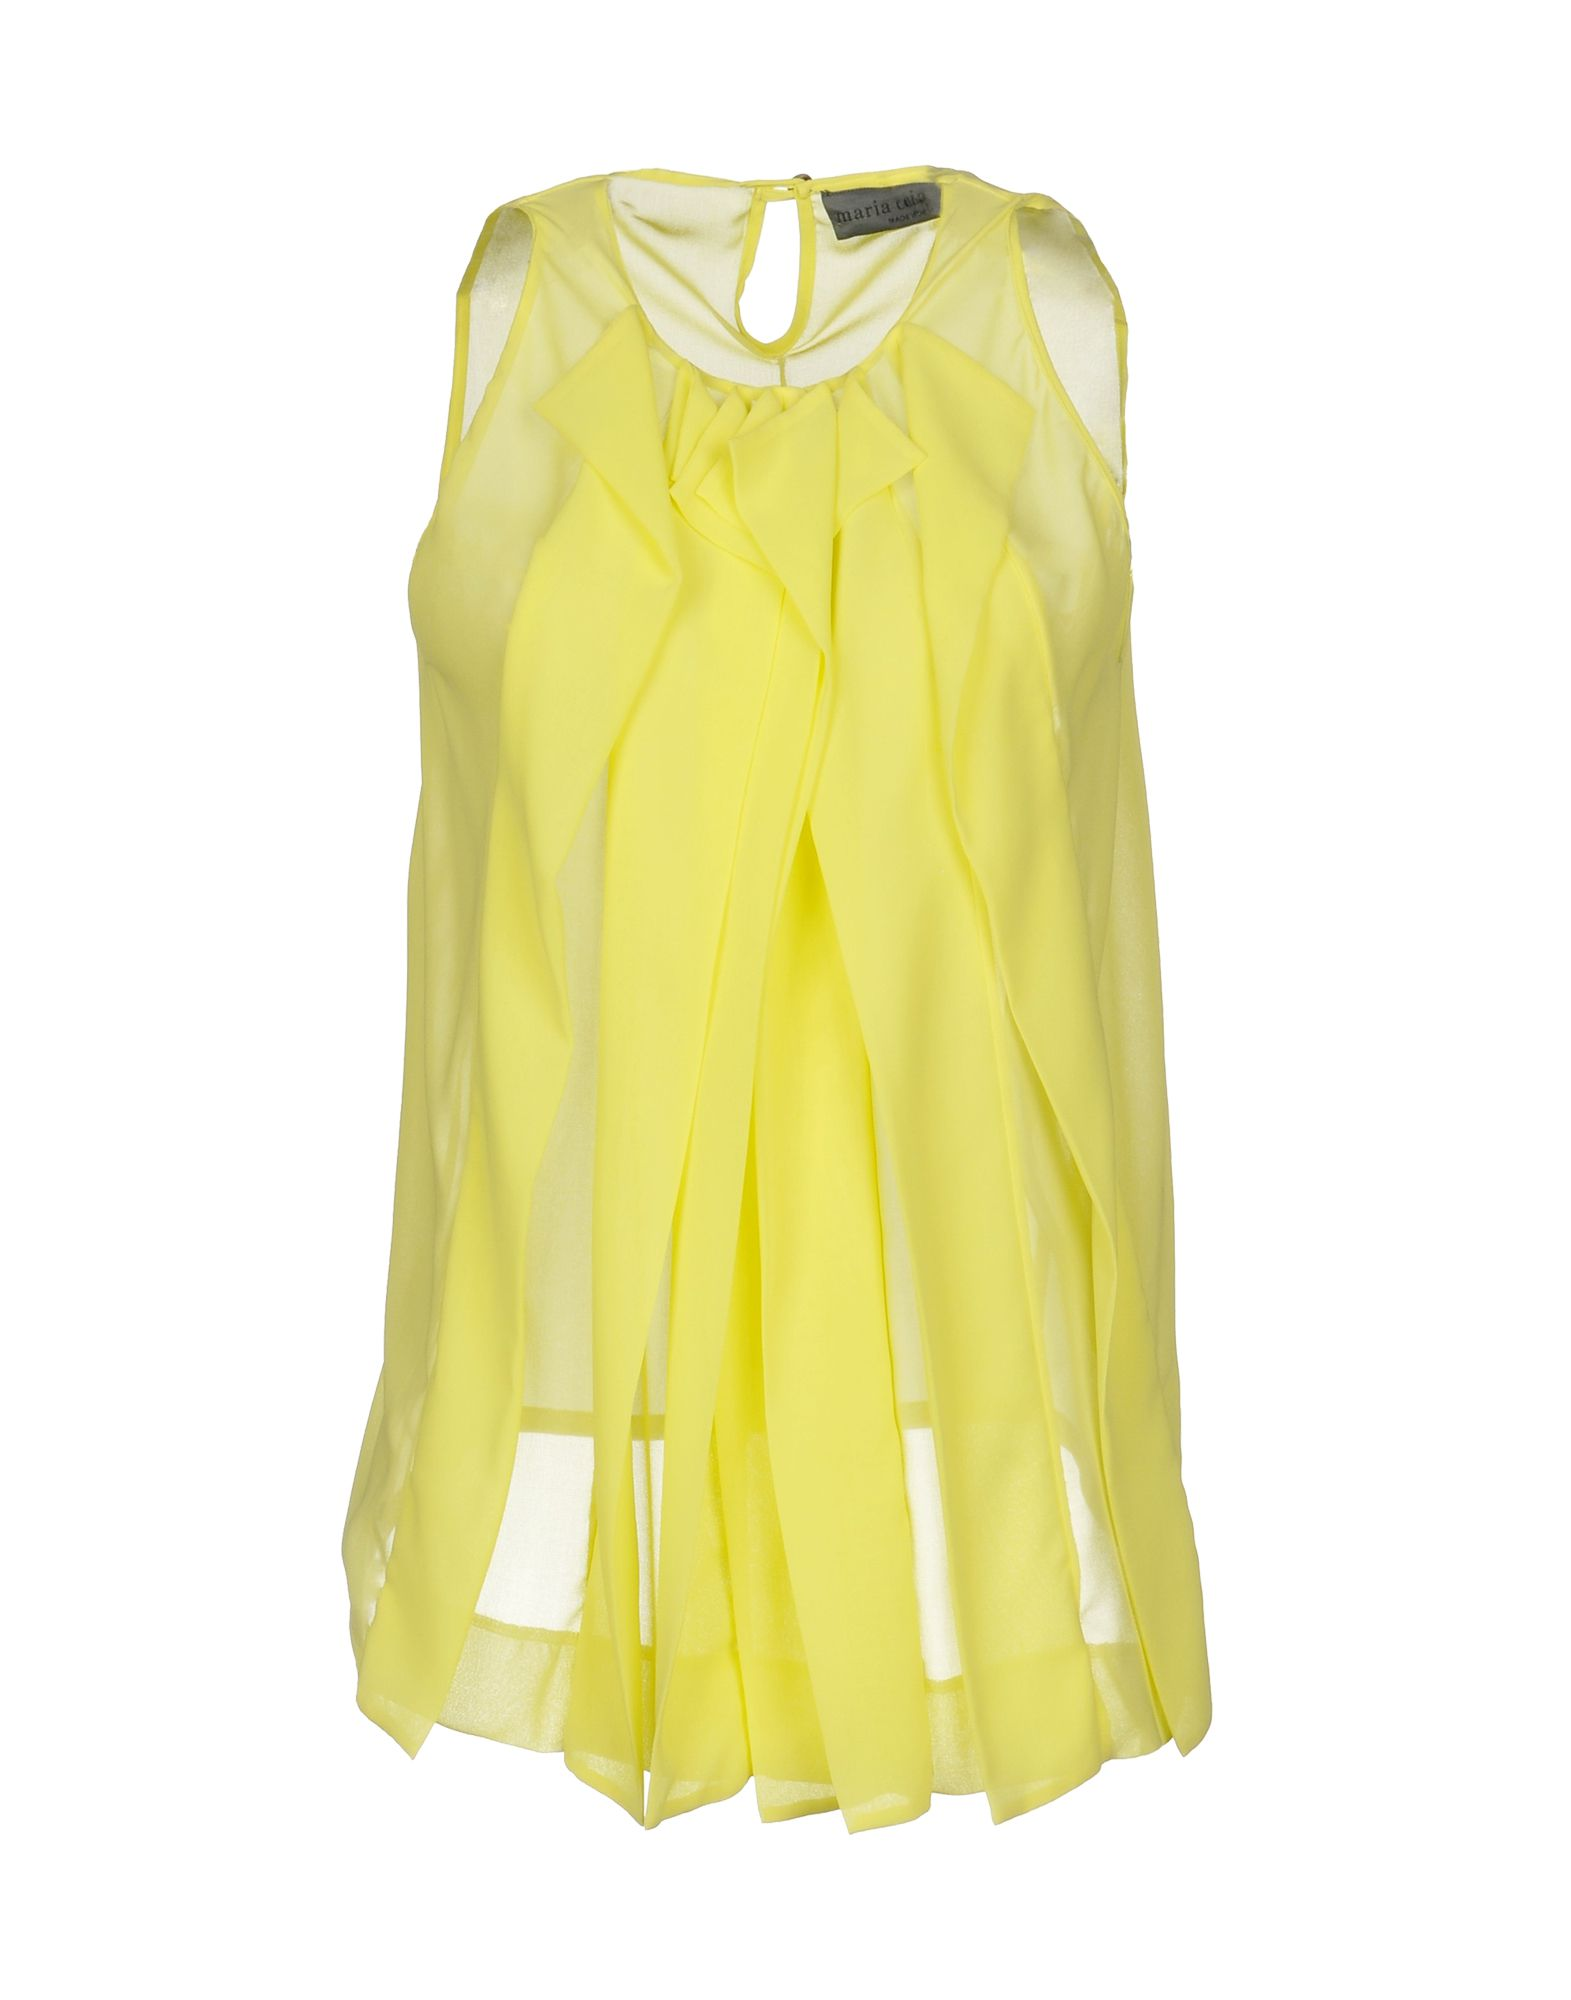 MARIA CALDERARA Top in Yellow